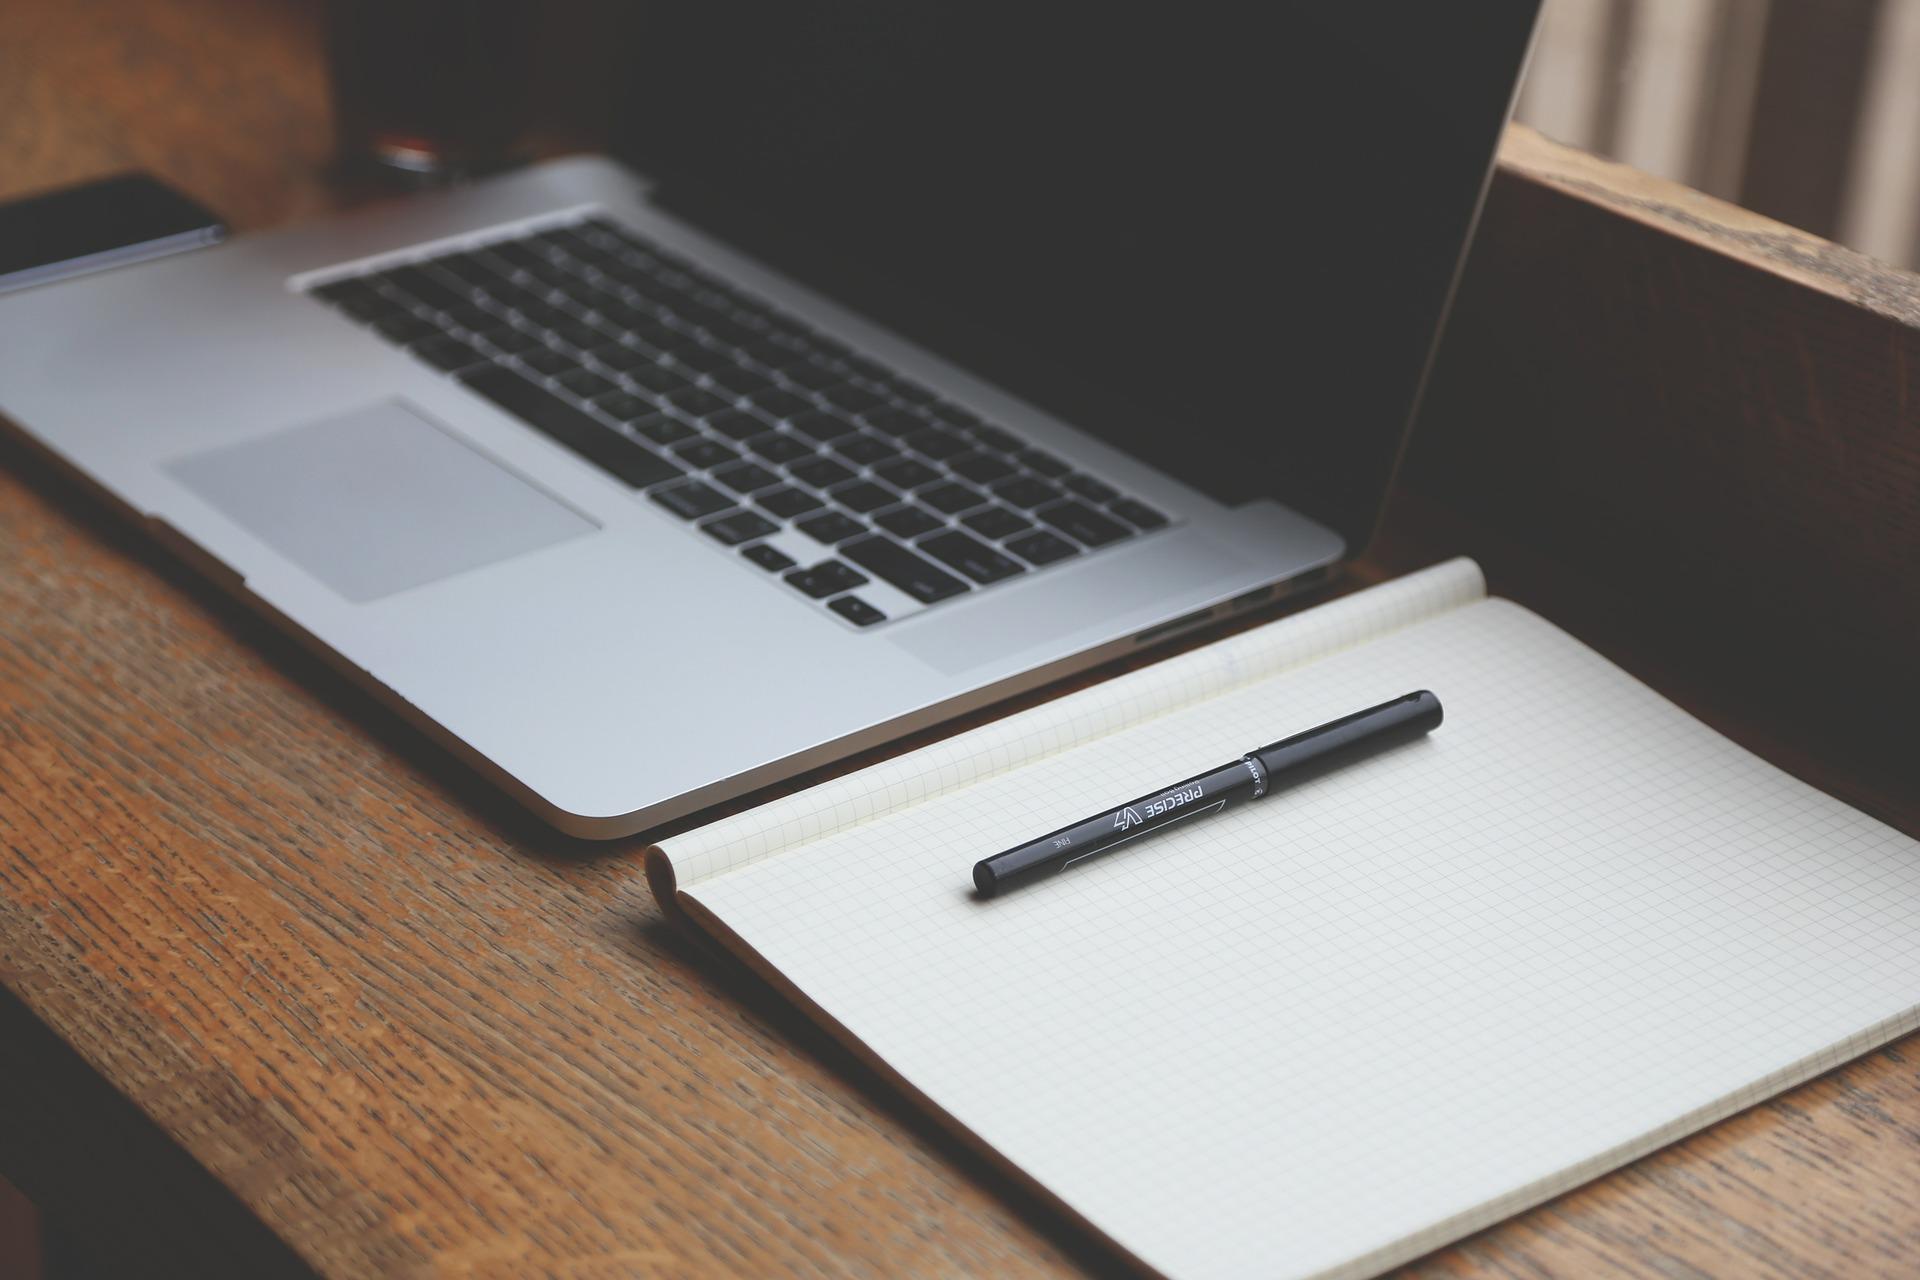 Auftragsformular: Notebook und Block auf Holztisch